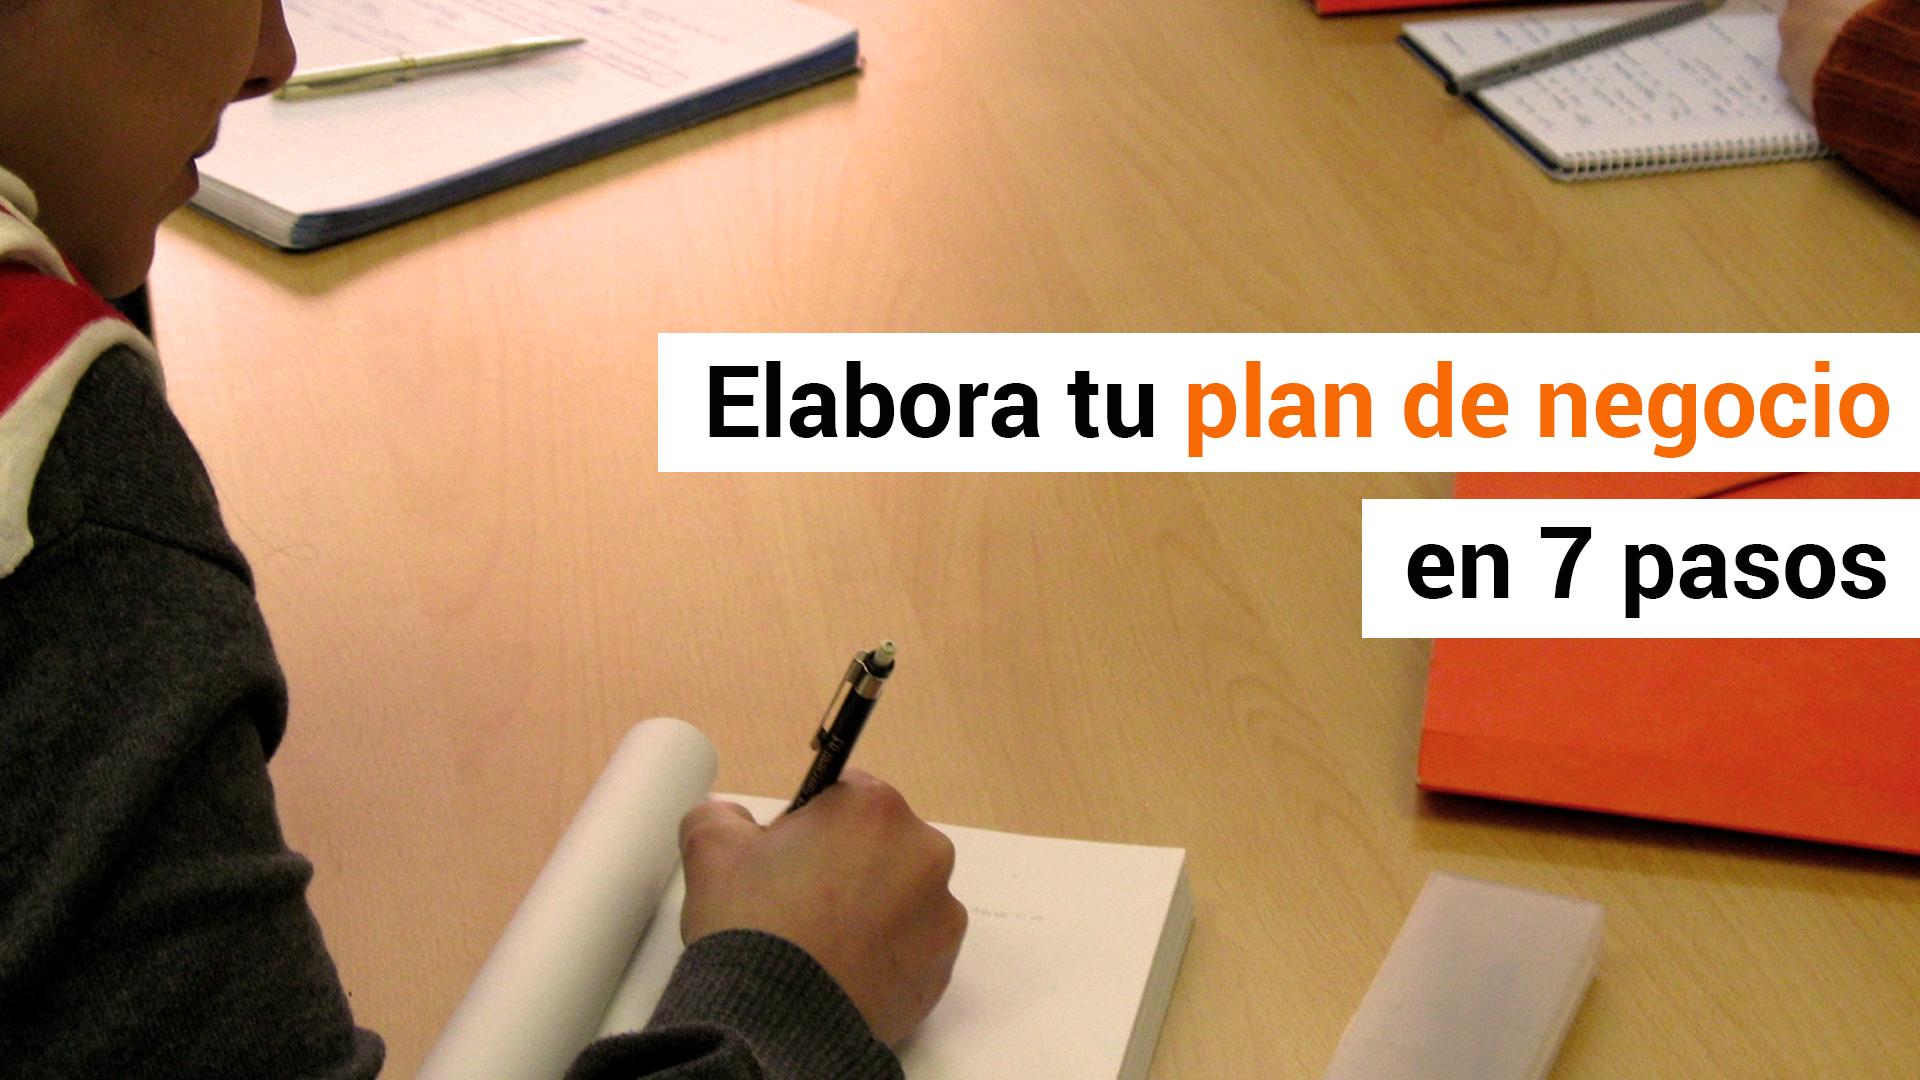 7 pasos para elaborar un plan de negocio